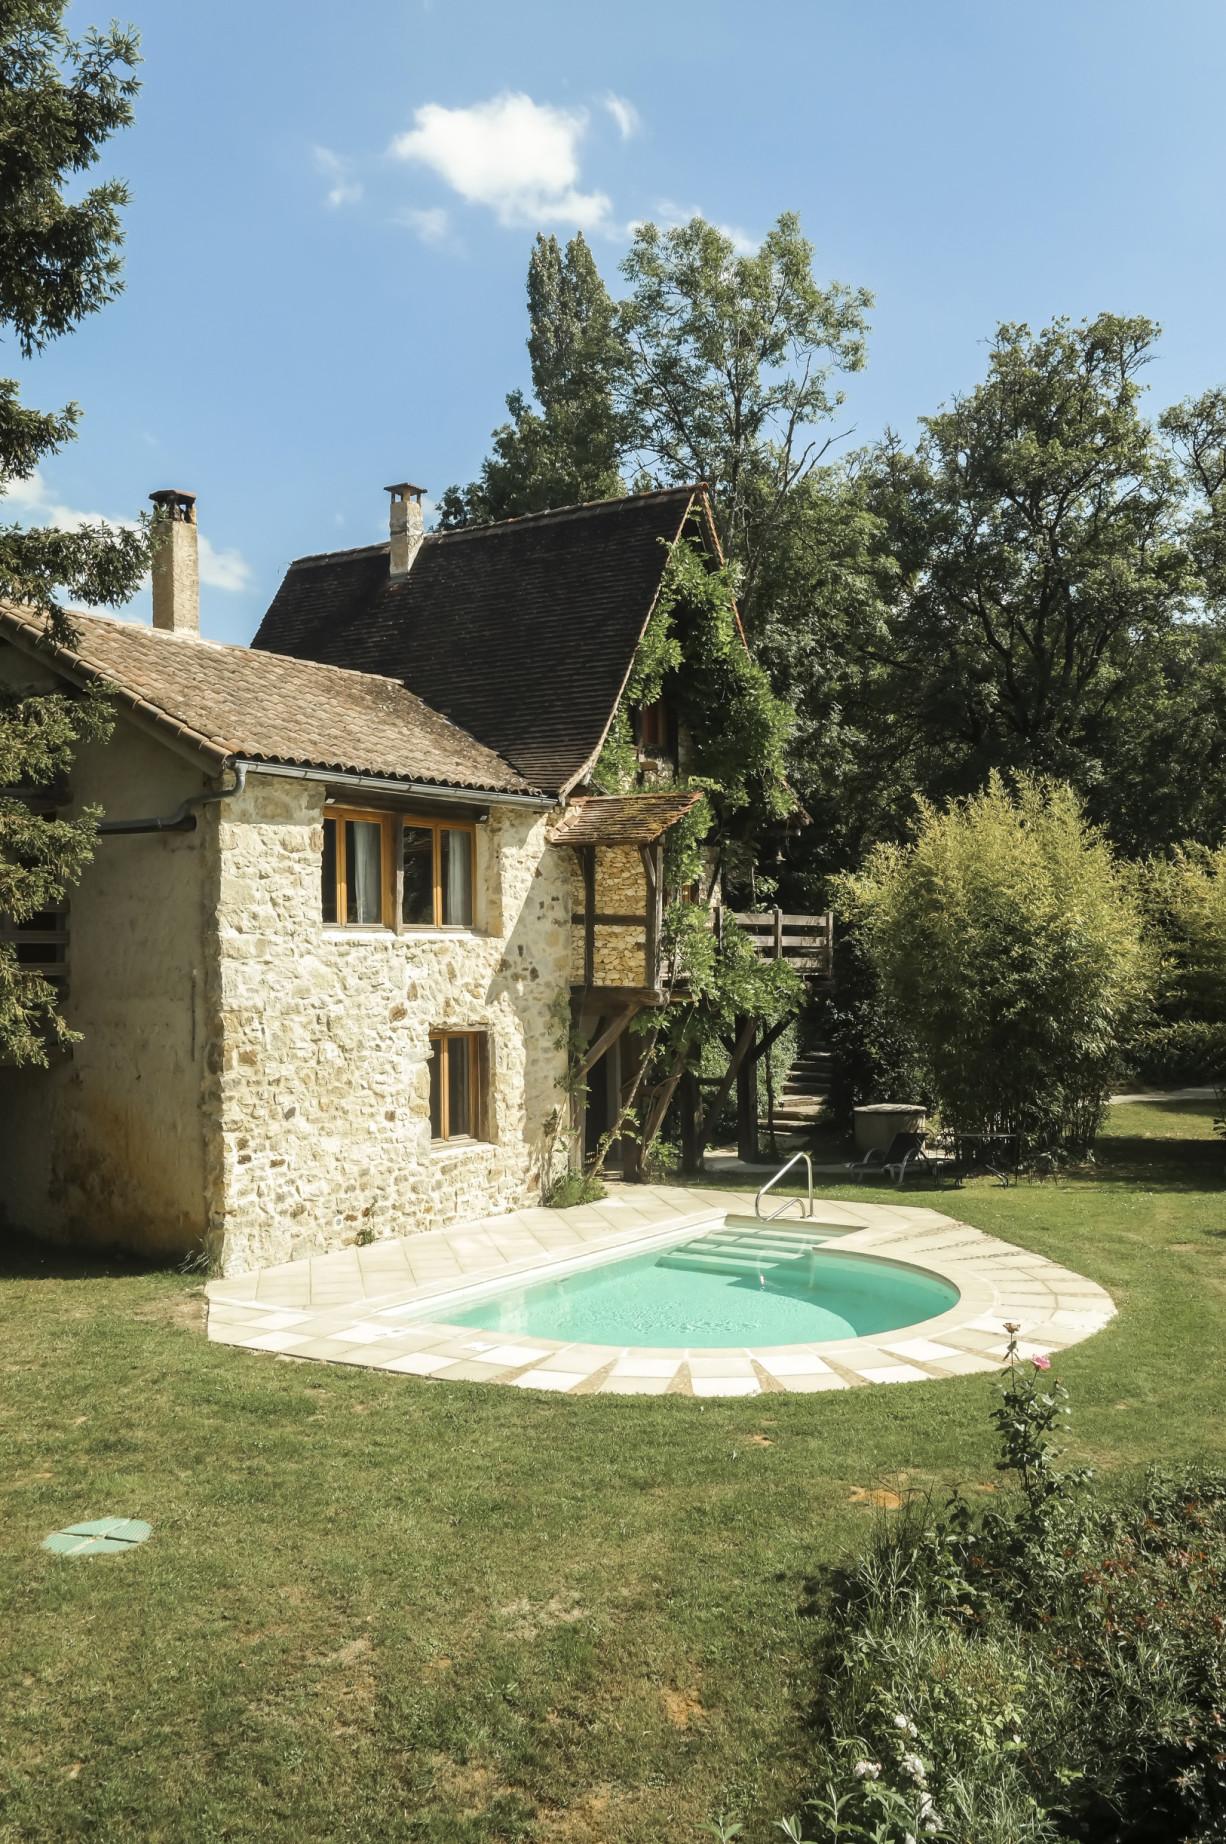 Fischerhaus Pool und Haus